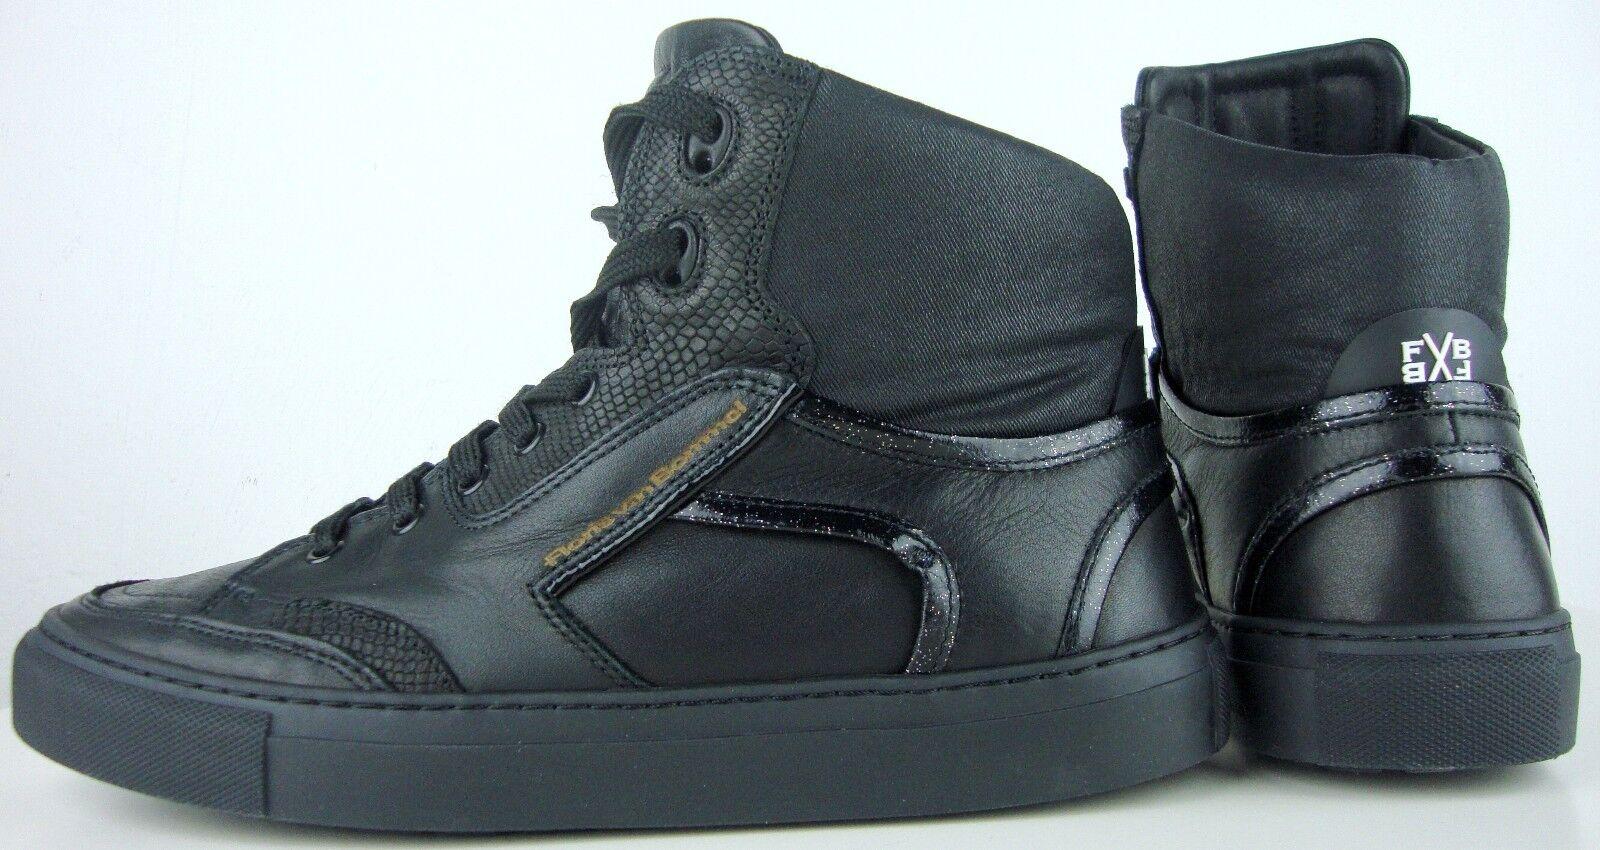 FLORIS VAN BOMMEL Sneakers High Top Sneaker Herren Leder Schuhe schwarz Gr.42 NEU